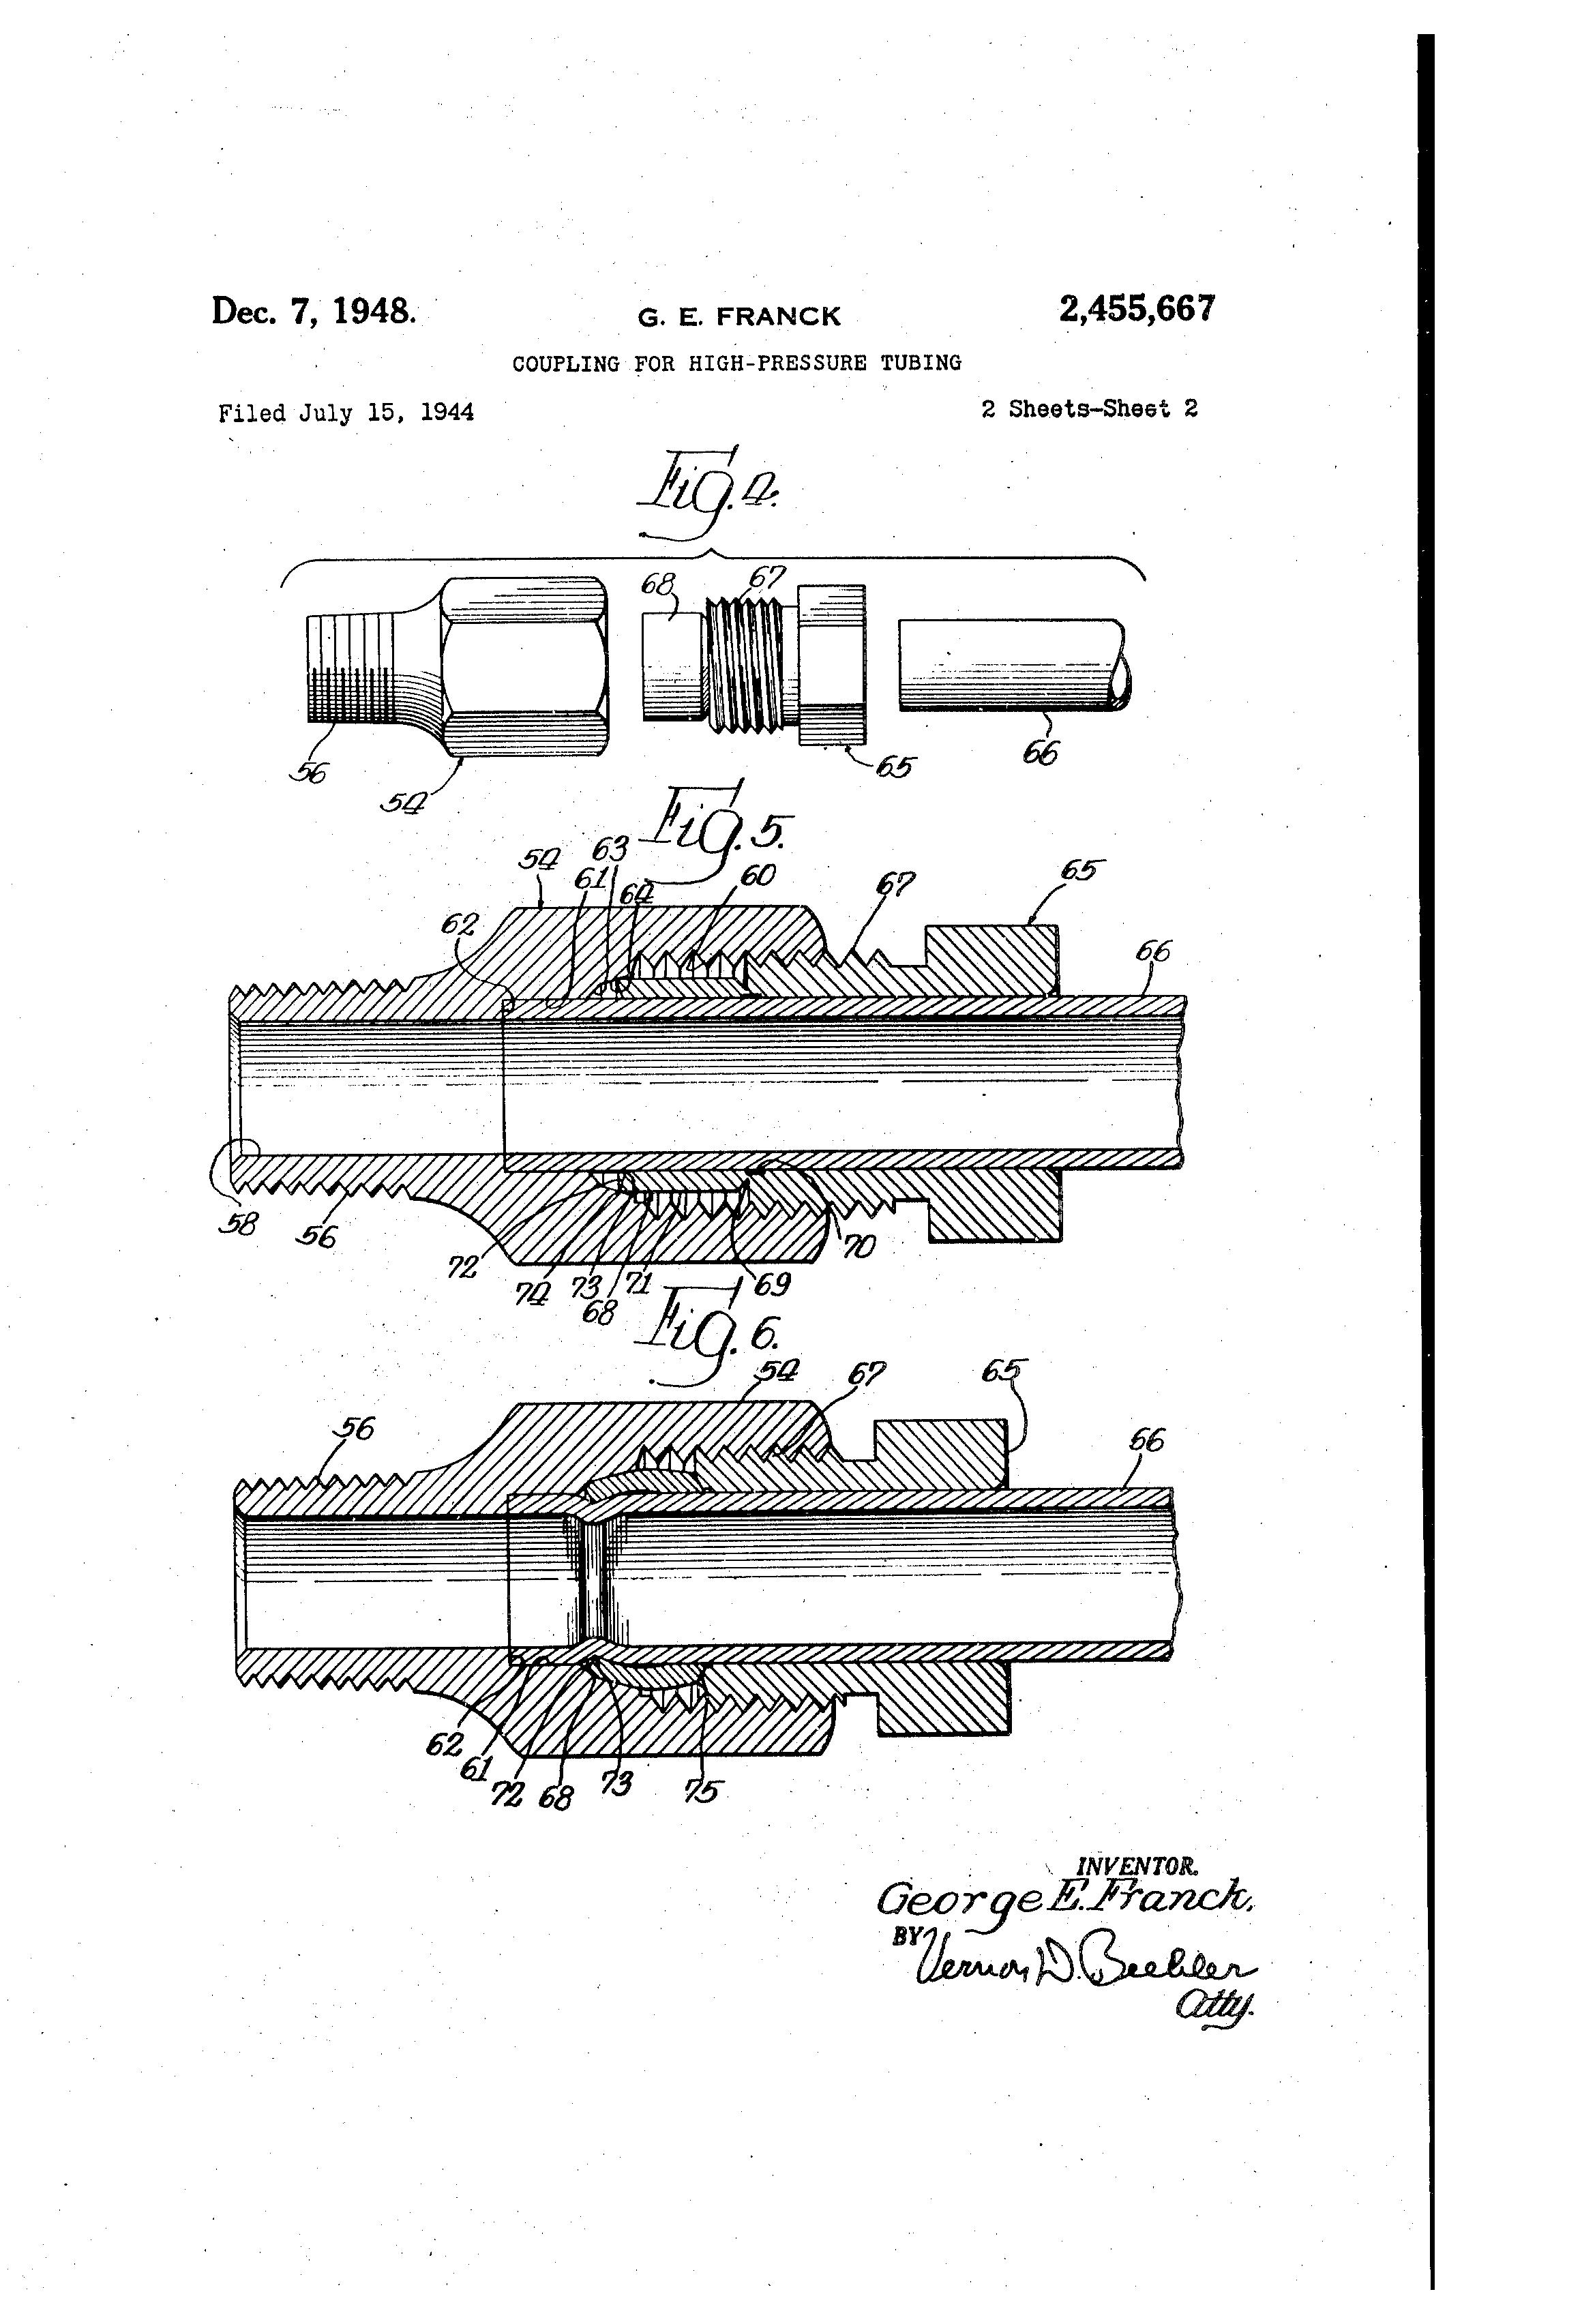 براءة الاختراع US2455667 - Coupling for high-pressure tubing